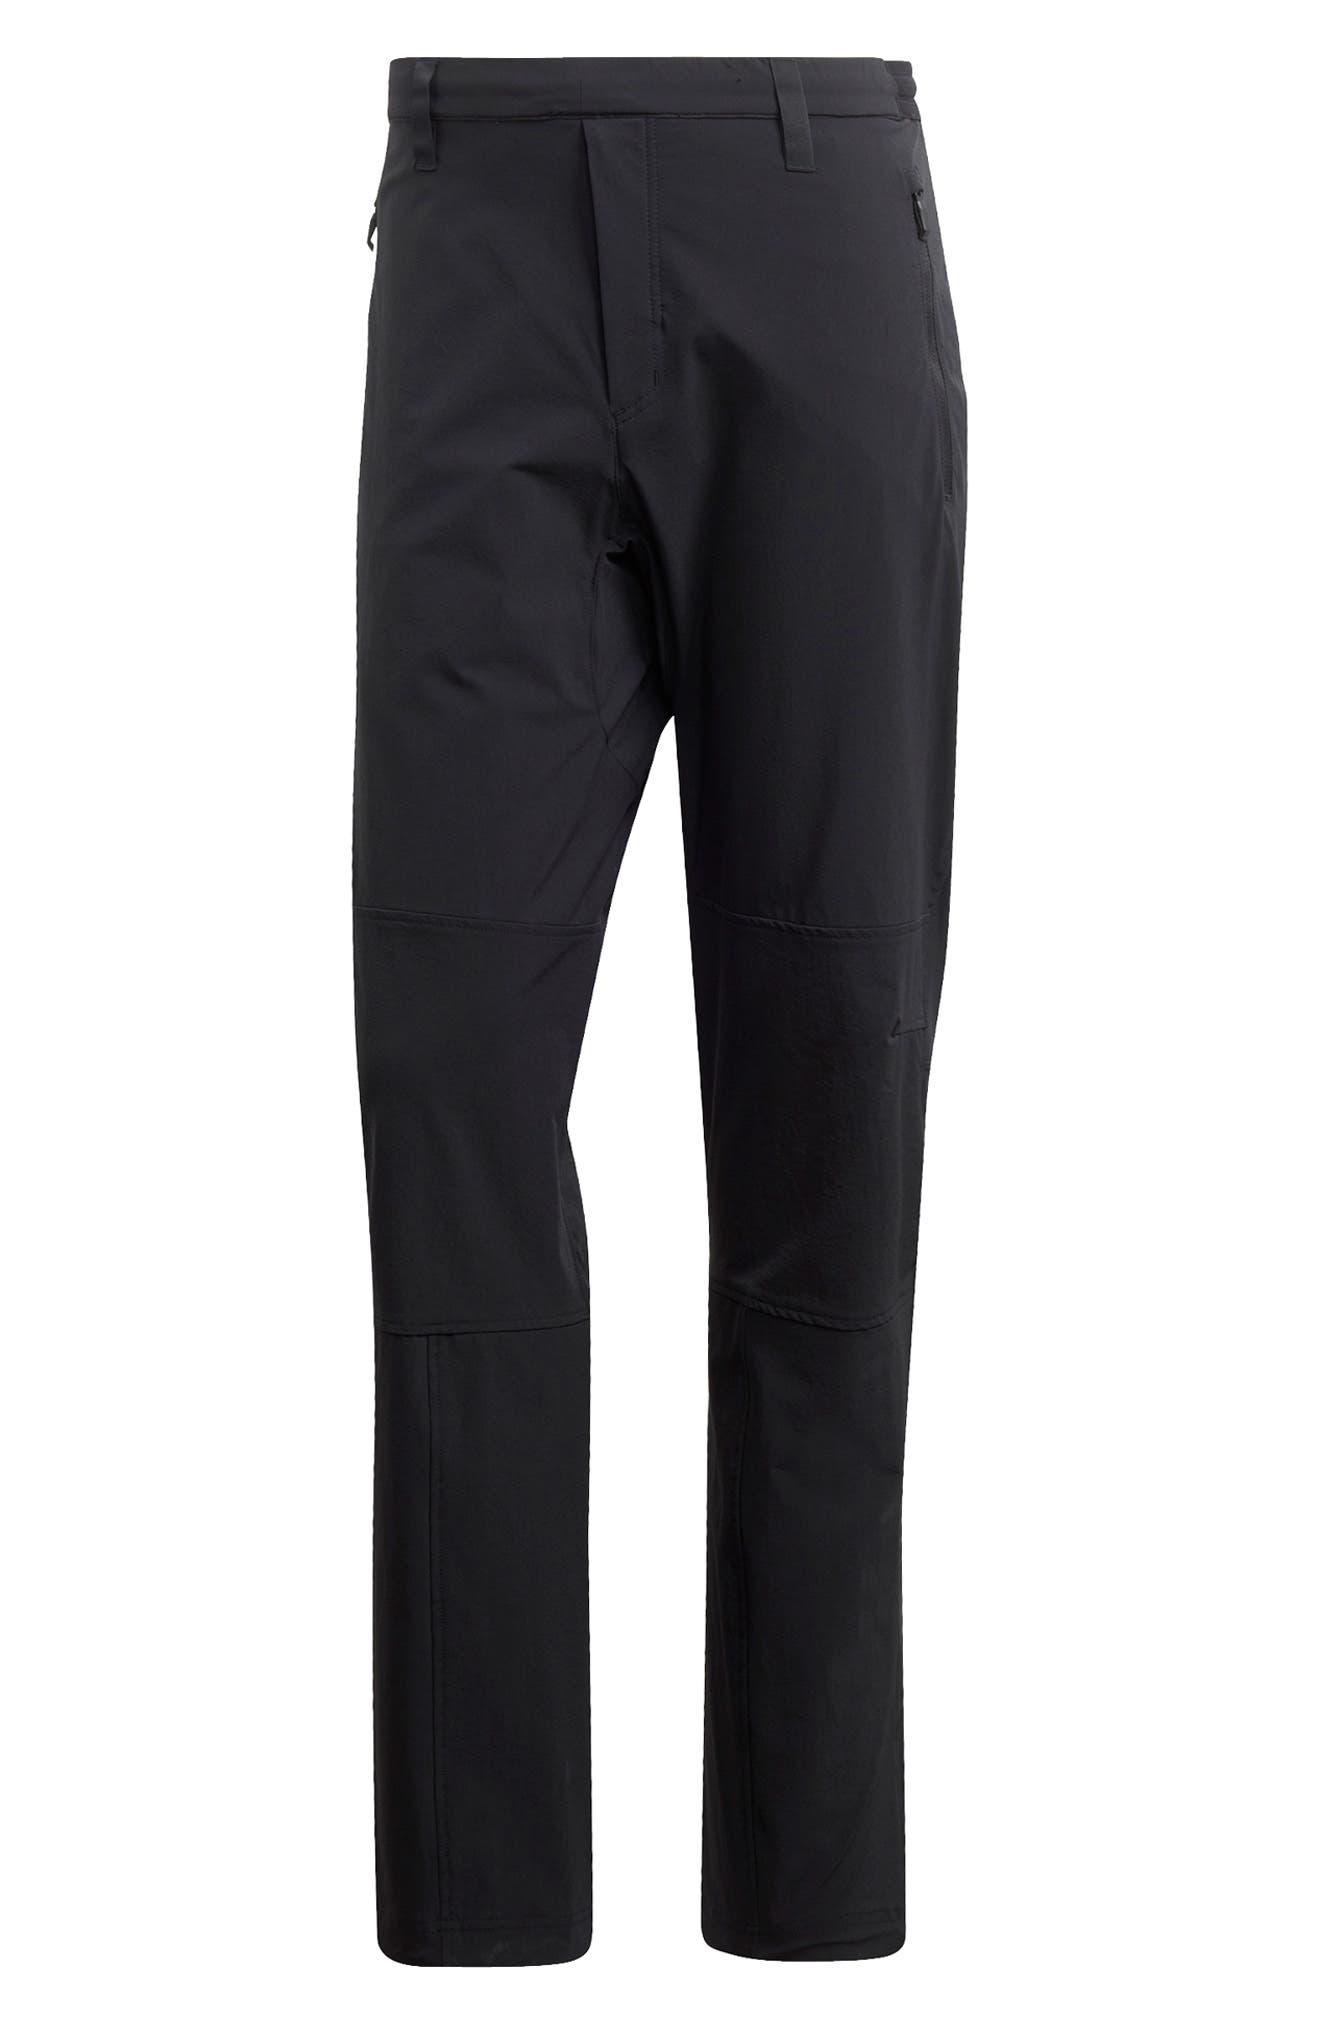 Terrex Multi Pants,                             Alternate thumbnail 5, color,                             BLACK